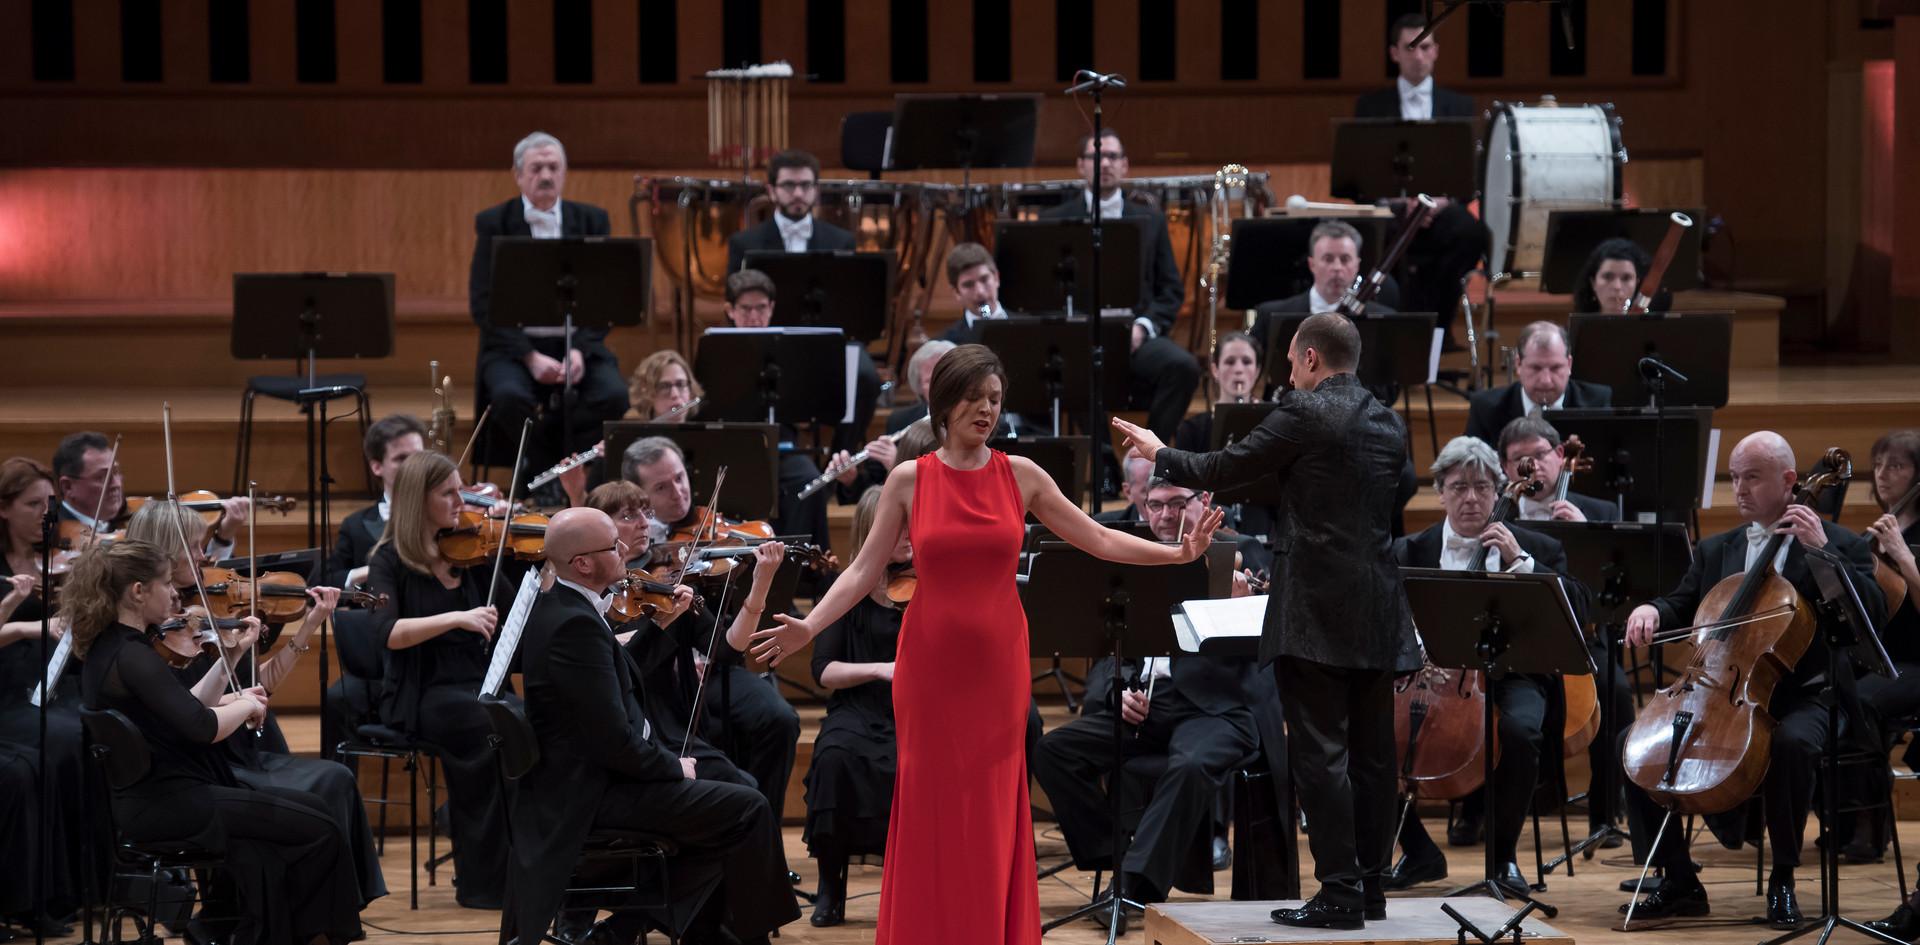 Concert de Gala - Orchestre philharmonique Royal de Liège - Flagey 2018